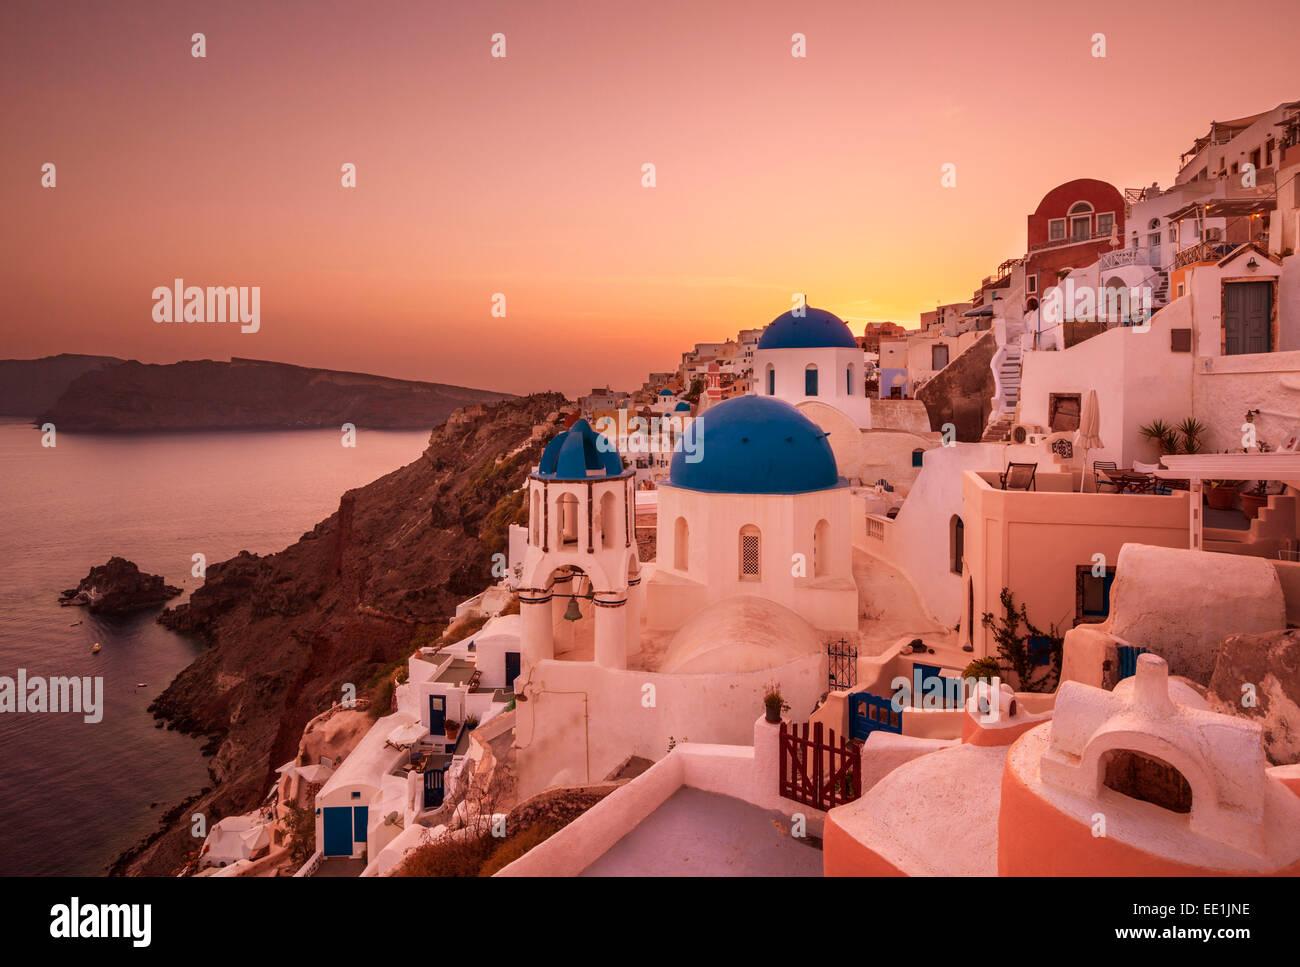 Chiesa Greca con tre cupole blu al tramonto, Oia - Santorini (Thira), Isole Cicladi, isole greche, Grecia, Europa Immagini Stock